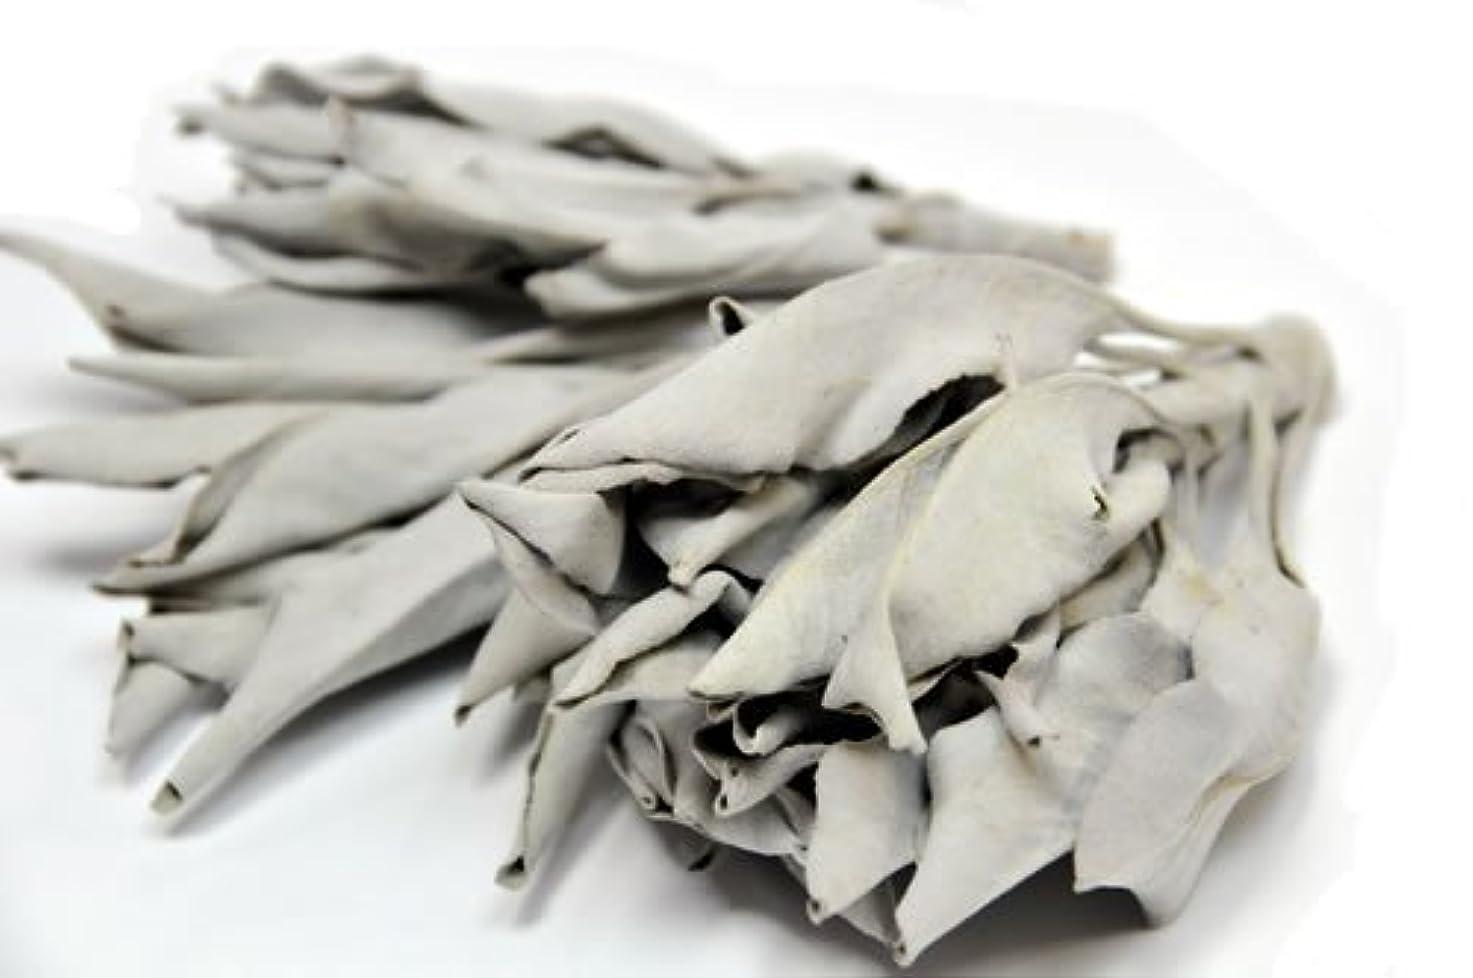 に対処する快適れんがハーブ工房HCC ホワイトセージ100g プロ用 浄化上質クラスター(葉+枝付) カリフォルニア産